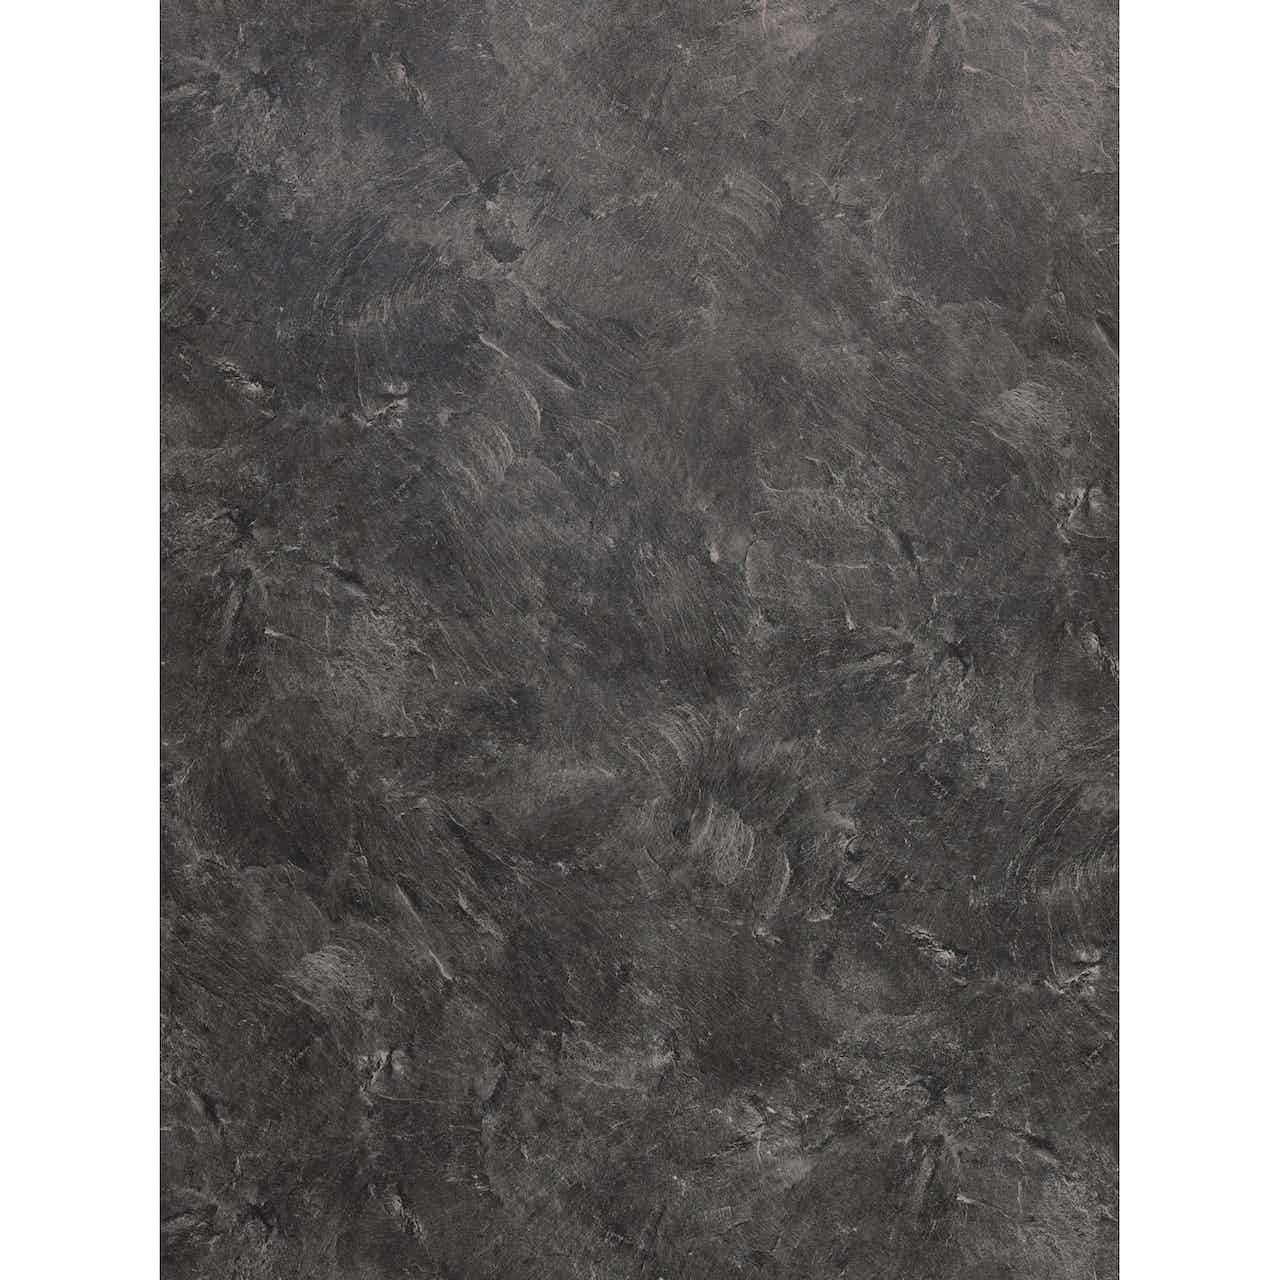 Mehrzweckplatte 260 cm x 60 cm x 2,8 cm Schiefer